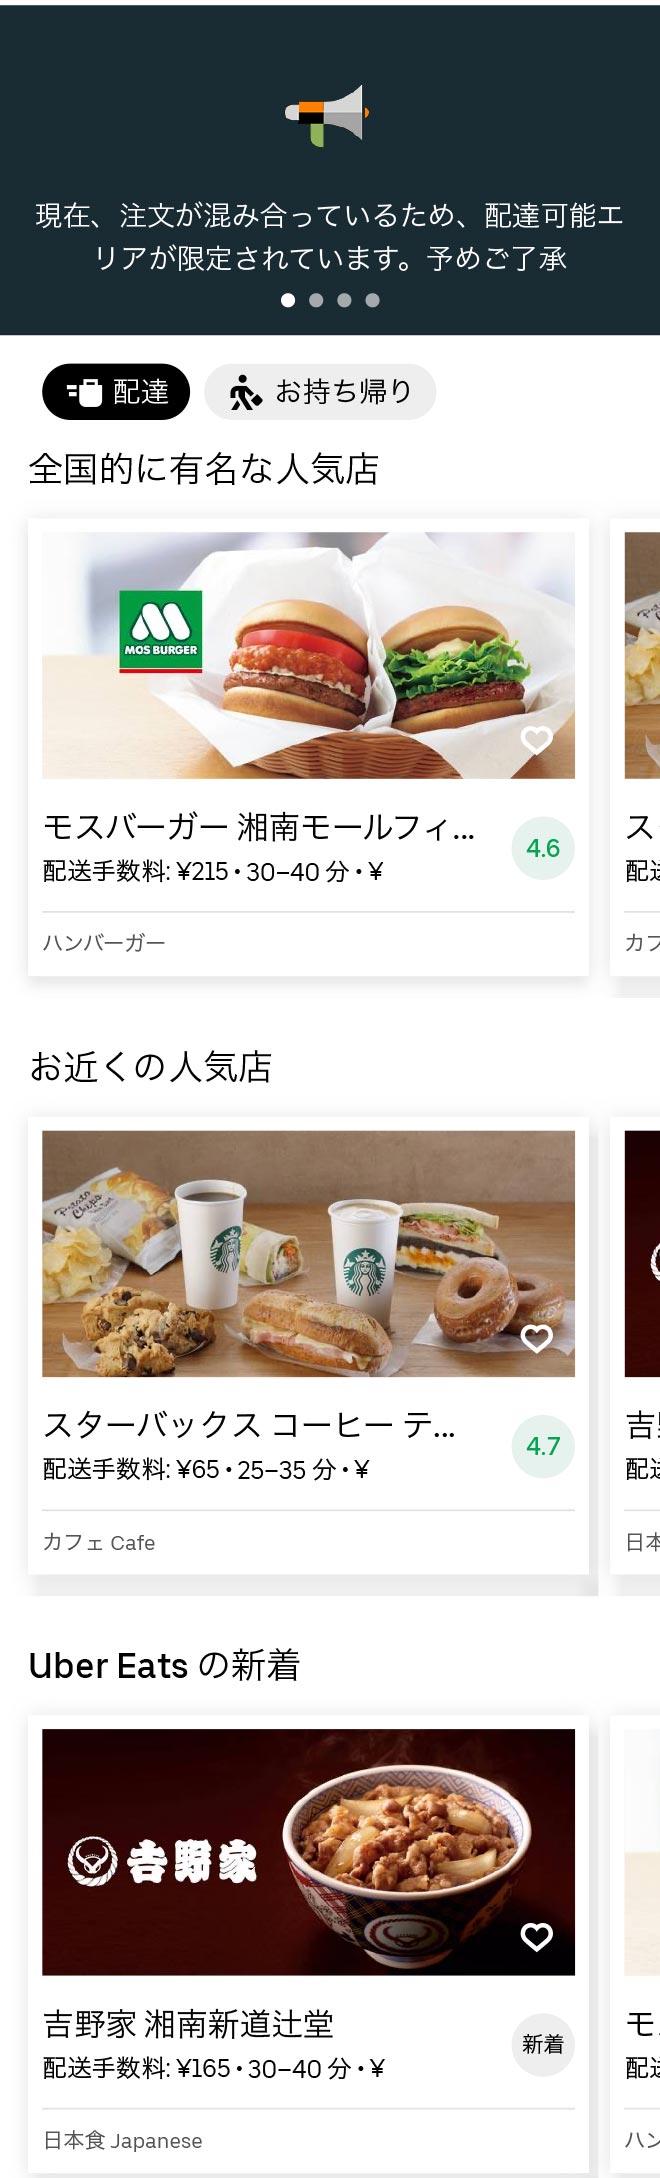 Tsujido menu 2008 01